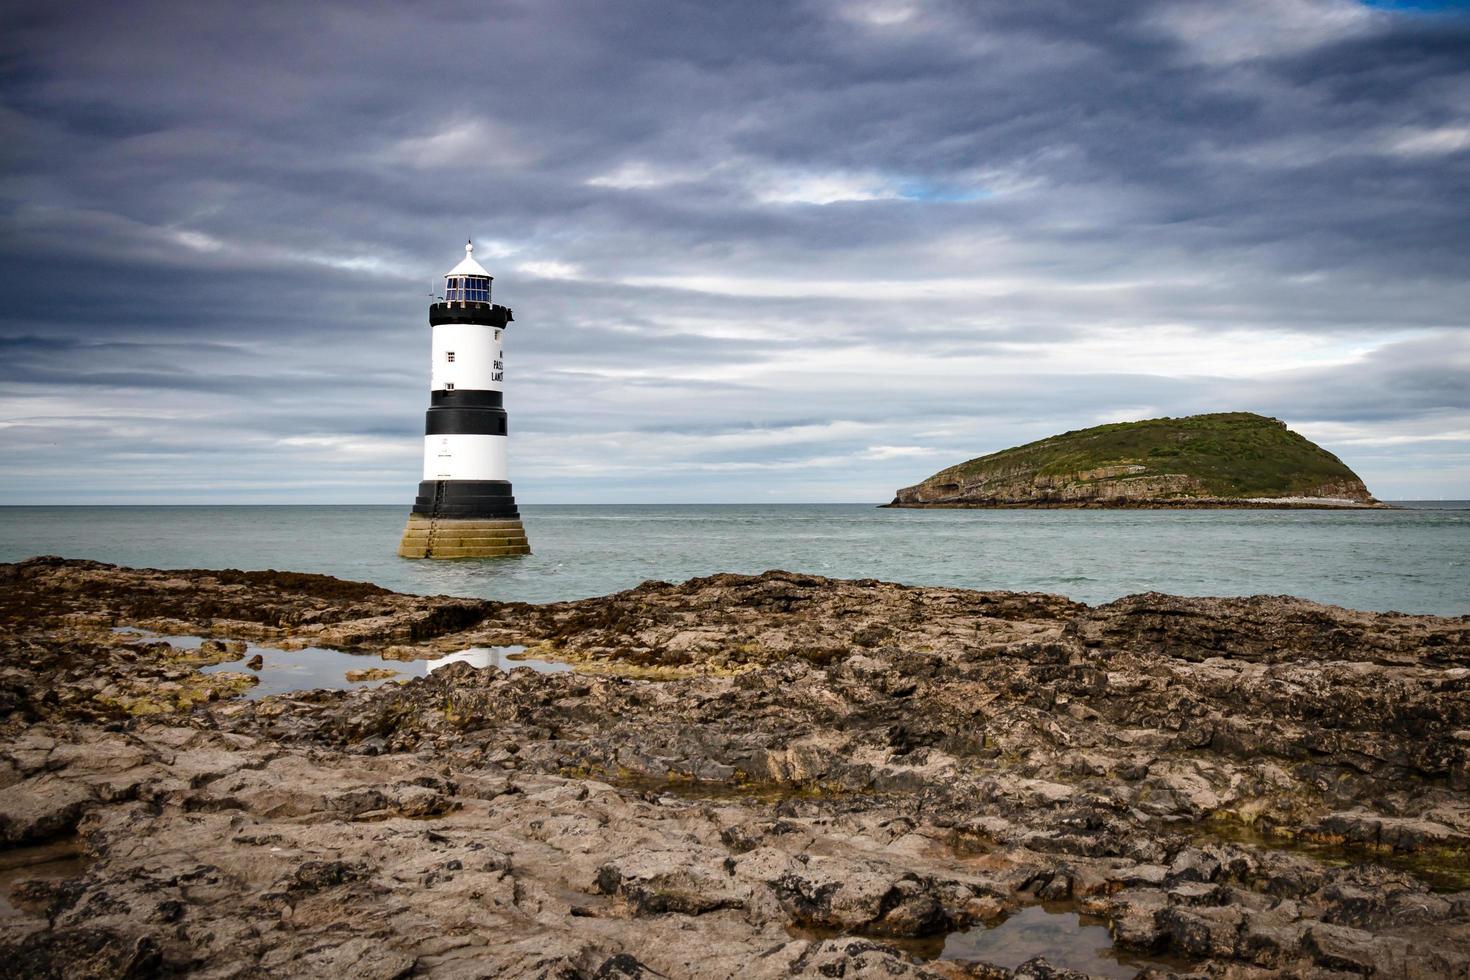 Lighthouse near Puffin island photo